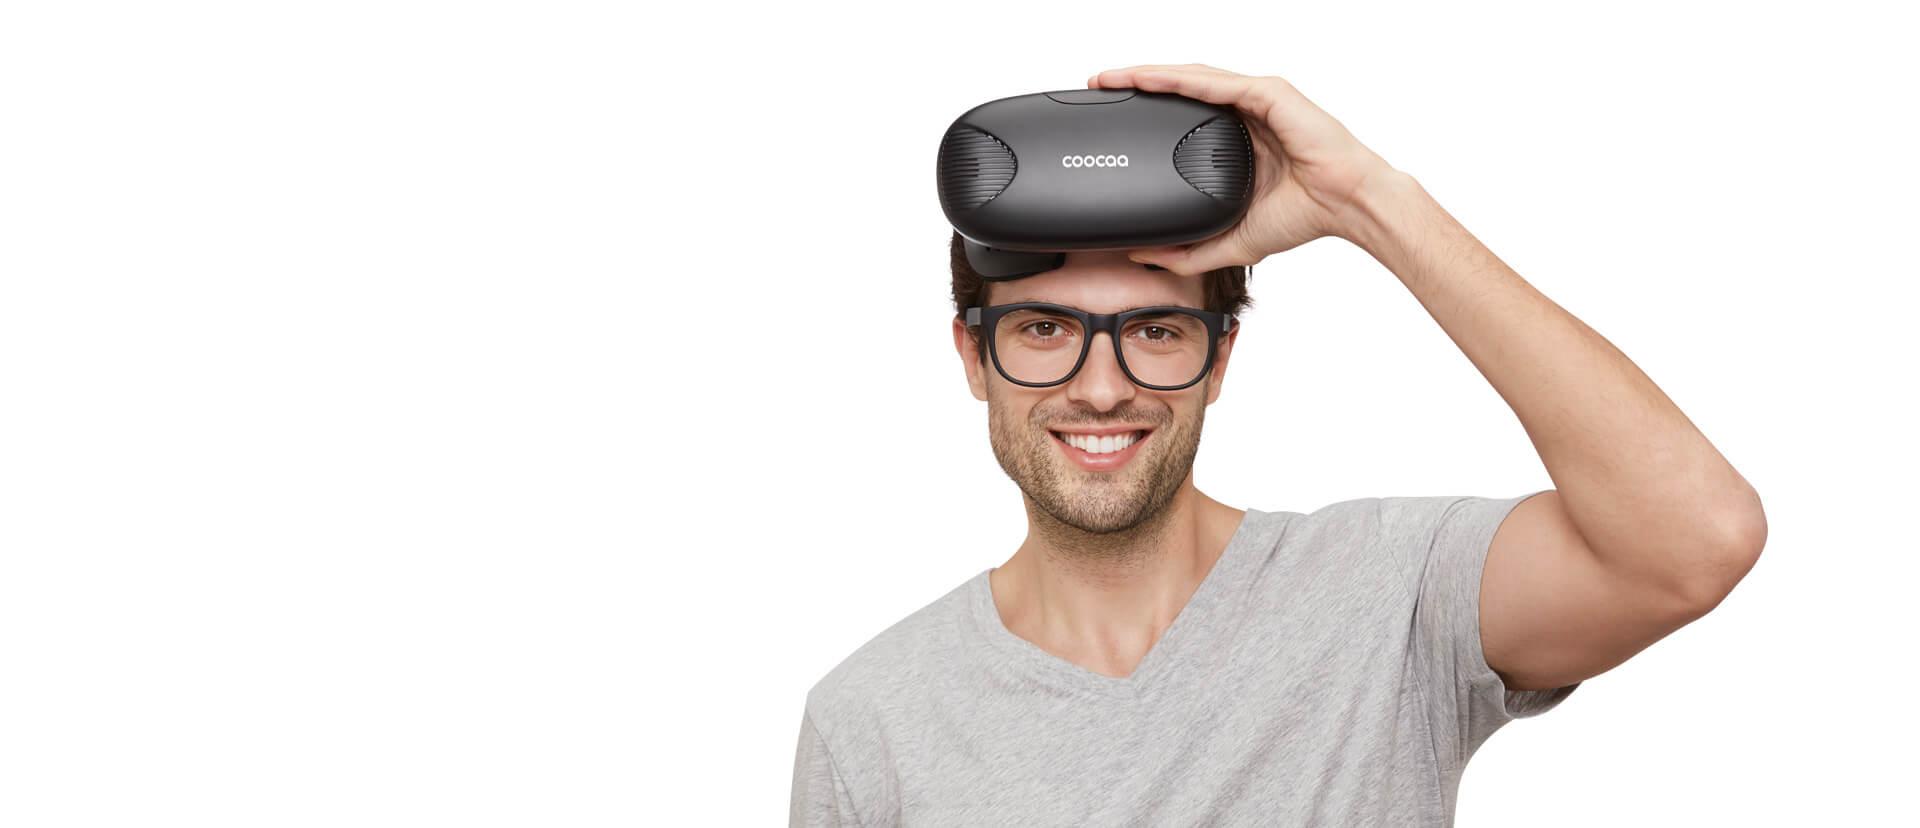 眼镜模式-酷开VR一体机黑色版